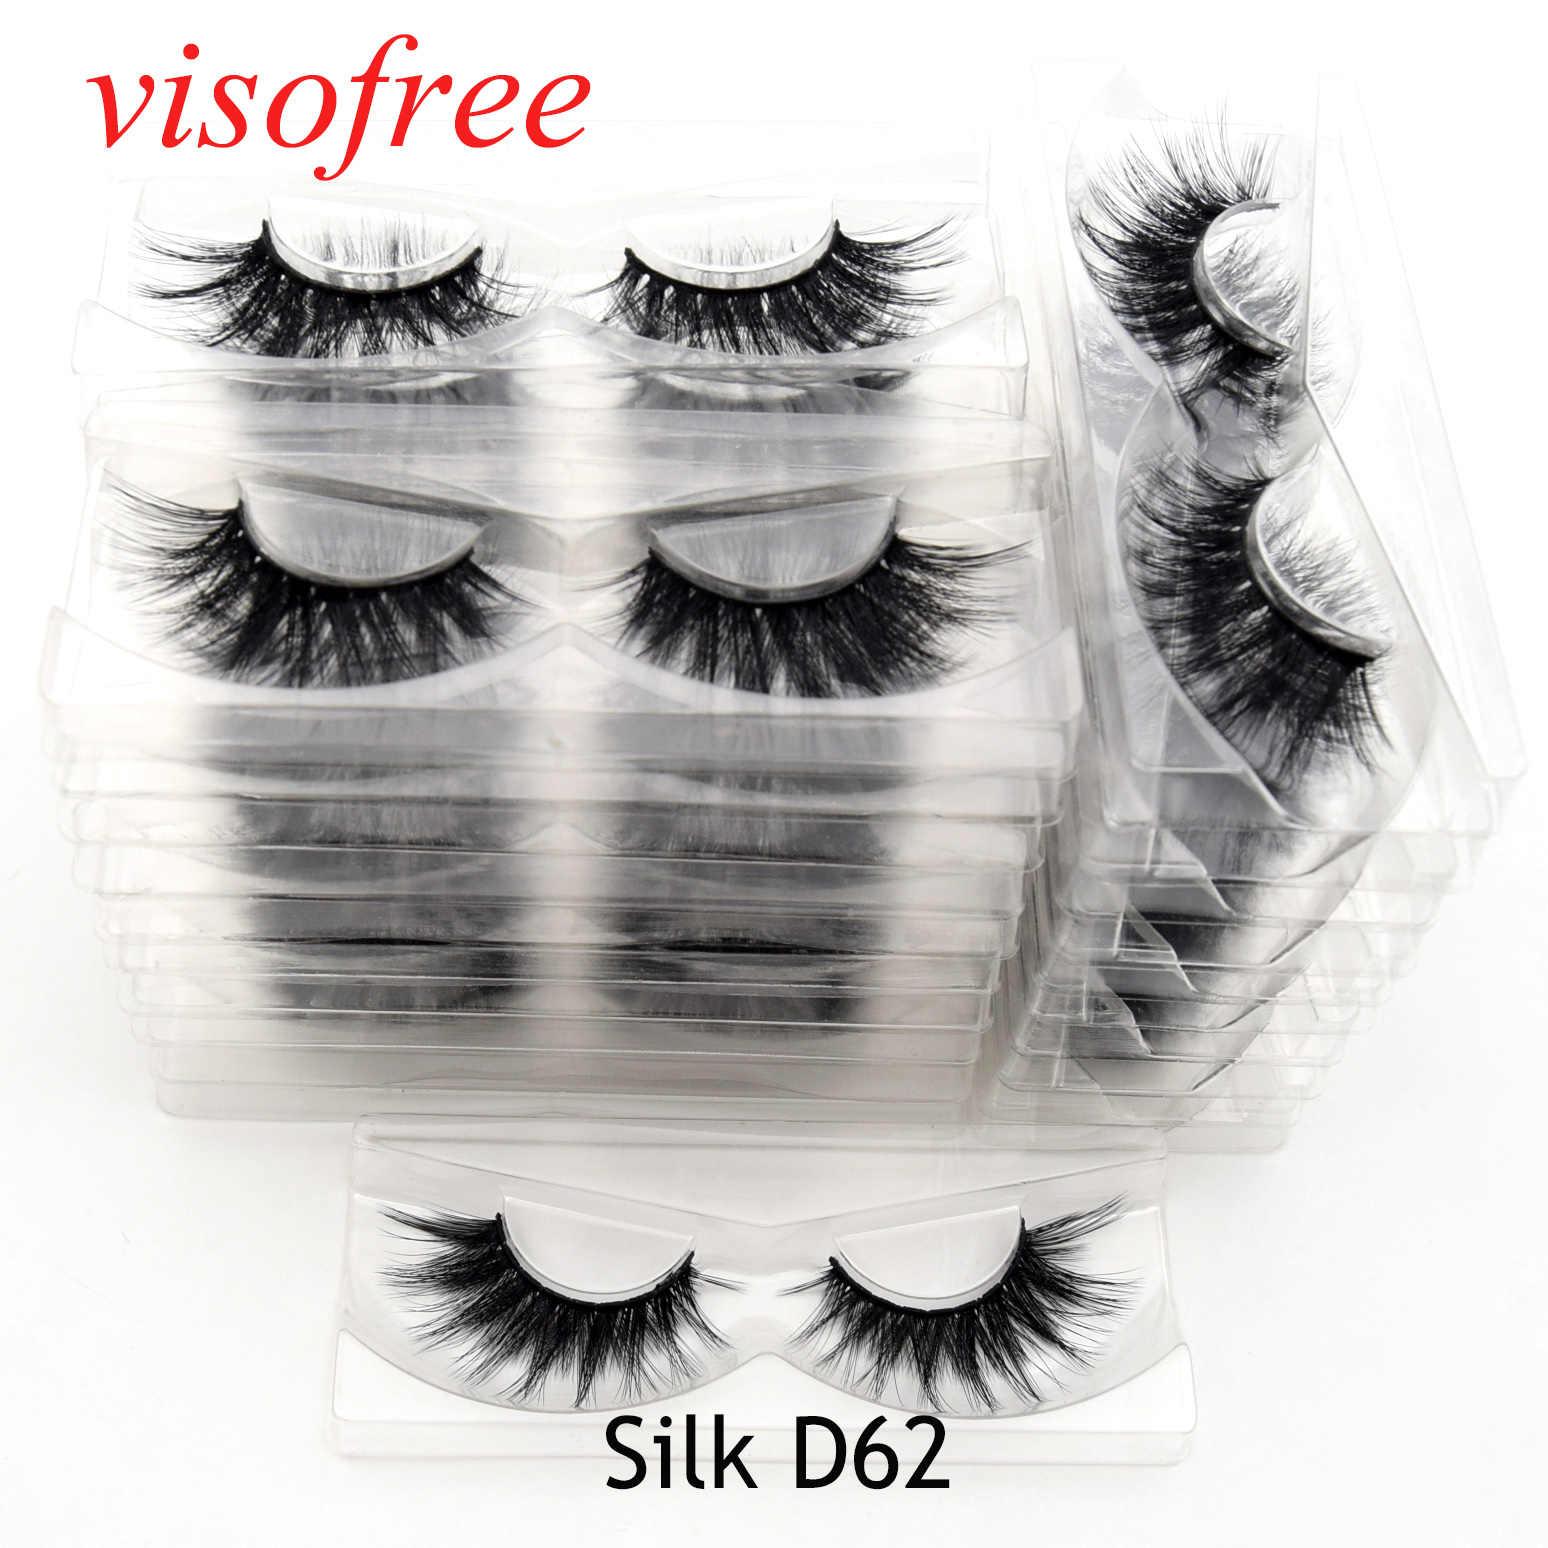 Visofree 30 пар/лот, ресницы из норки, макияж, накладные ресницы ручной работы, натуральные объемные ресницы, Silk-D62